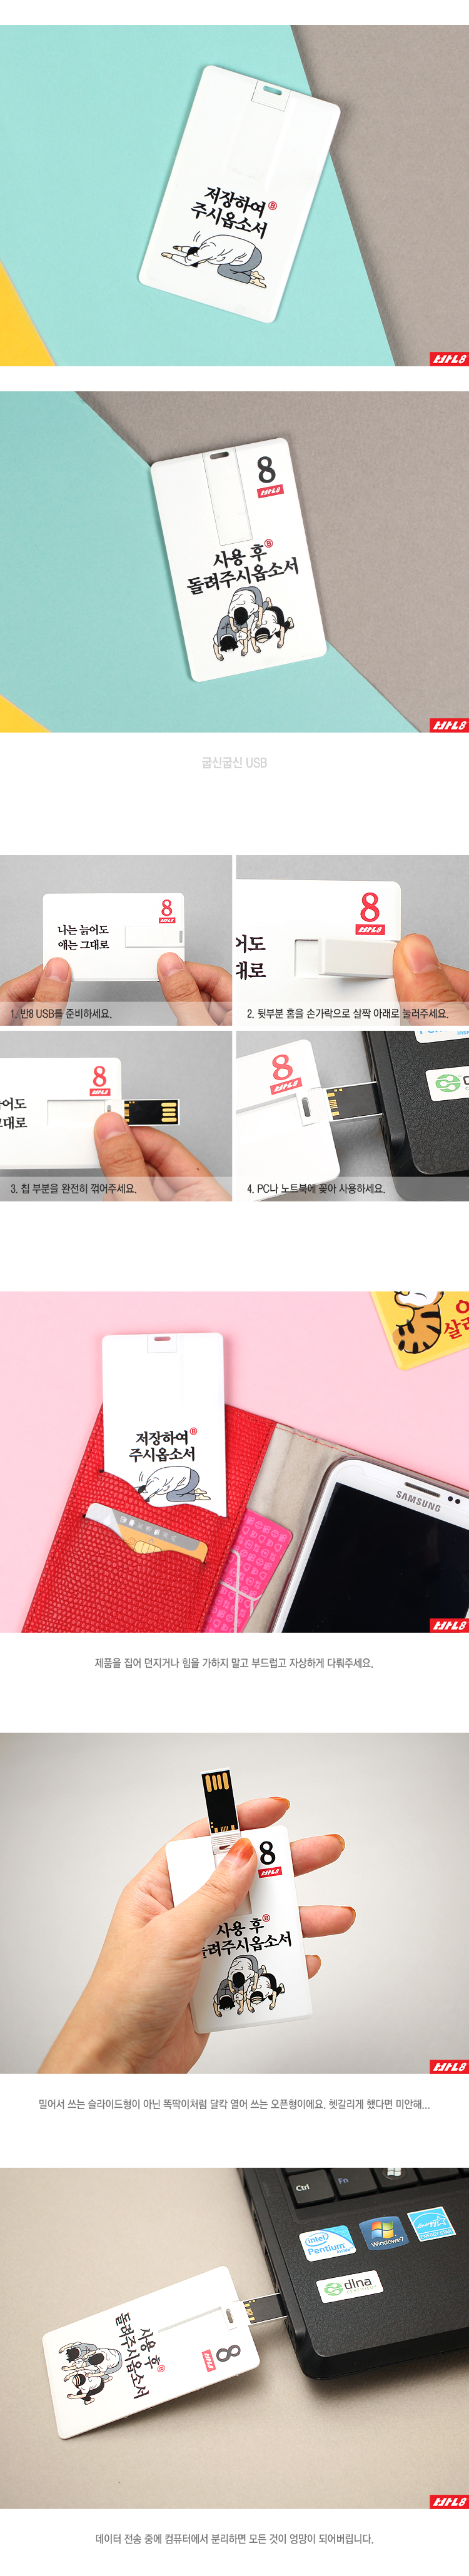 반8 굽신굽신 USB - 반8, 19,800원, USB 카드형, USB 8G이하